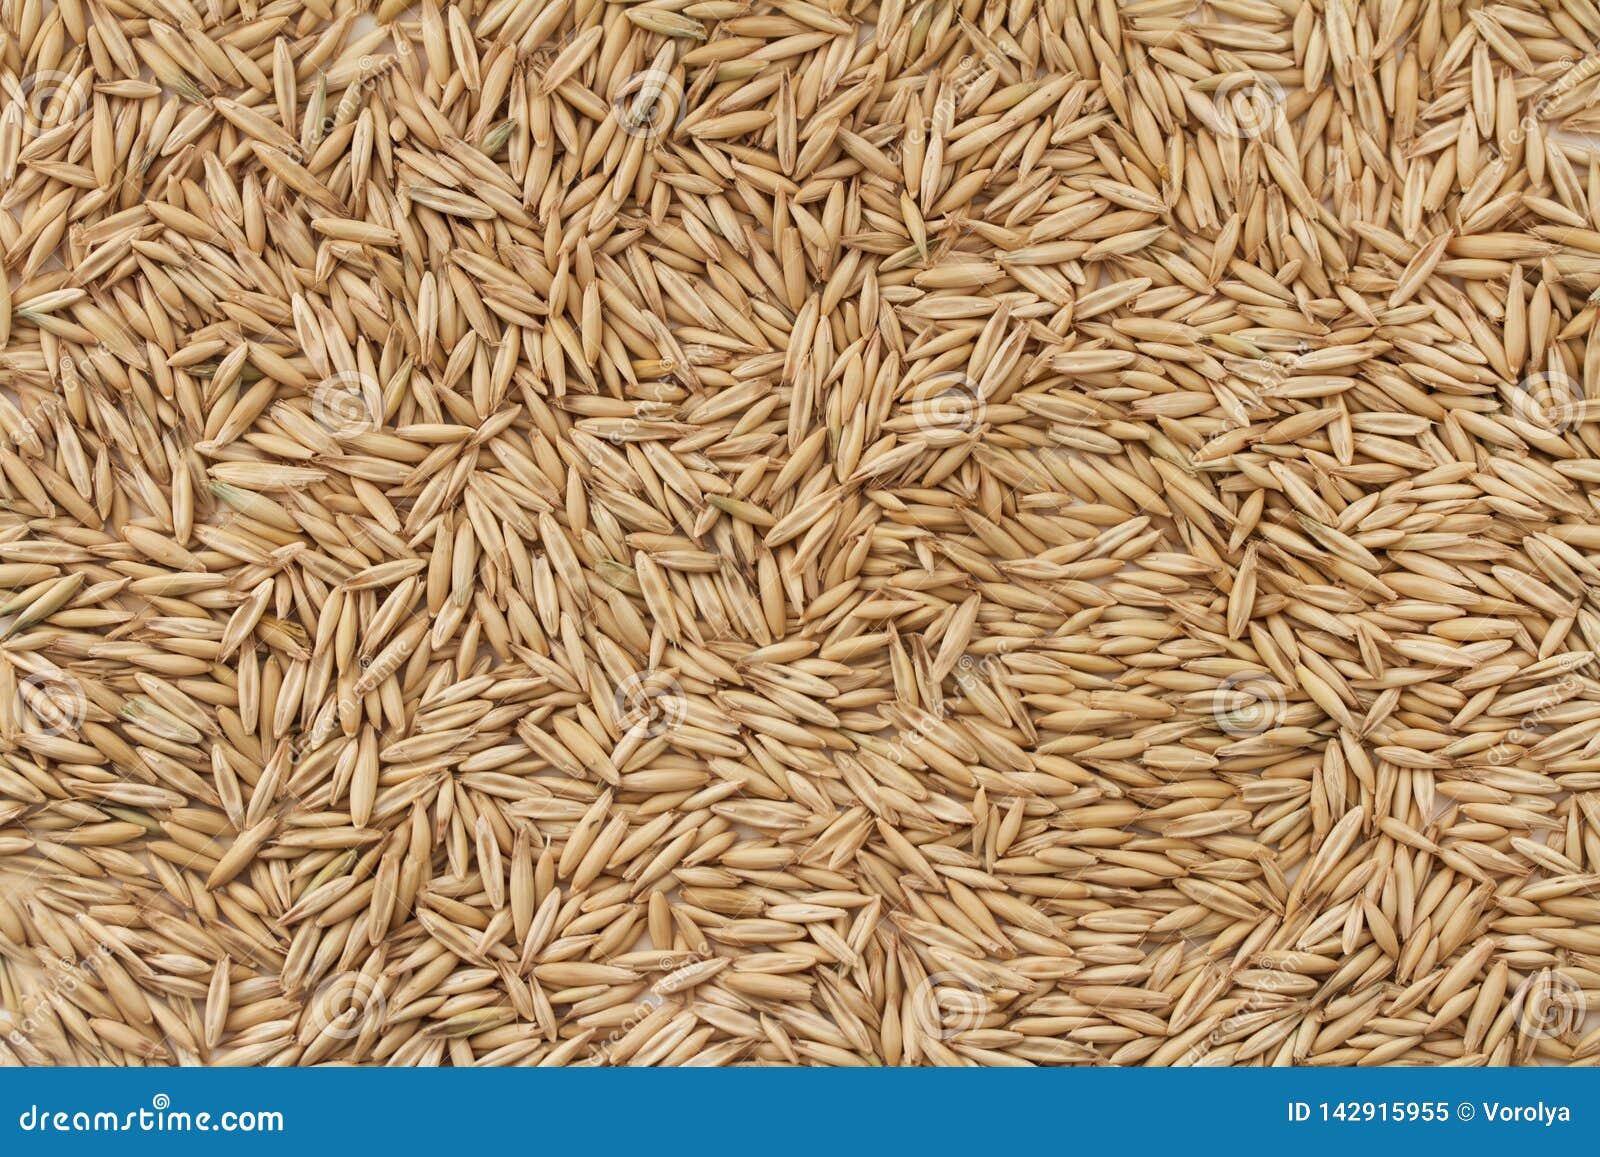 Fond de grain d avoine non épluché